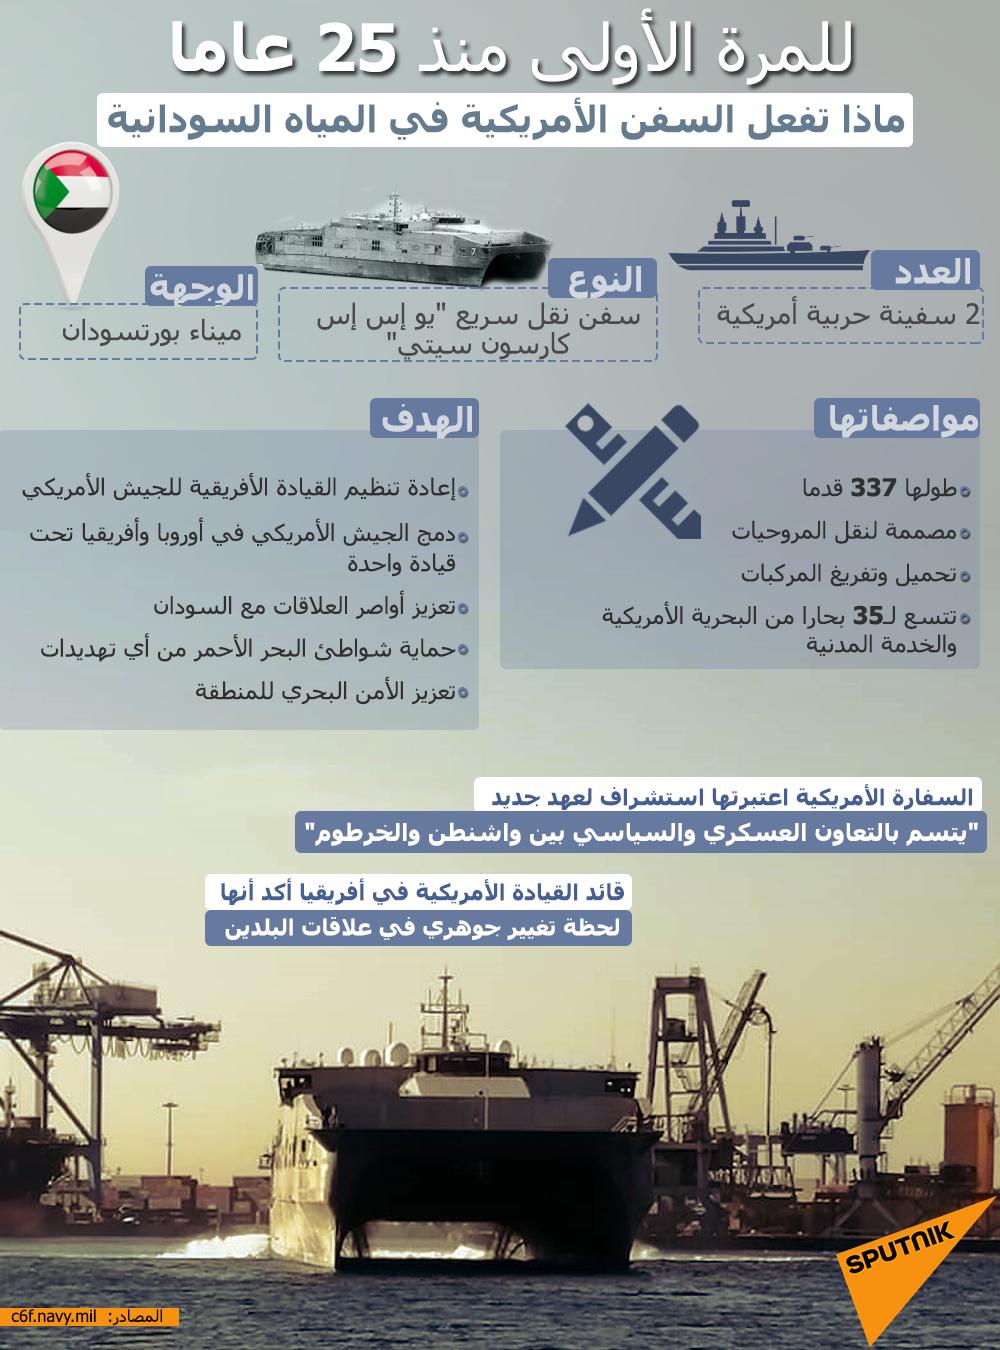 للمرة الأولى منذ 25 عاما... ماذا تفعل السفن الأمريكية في المياه السودانية